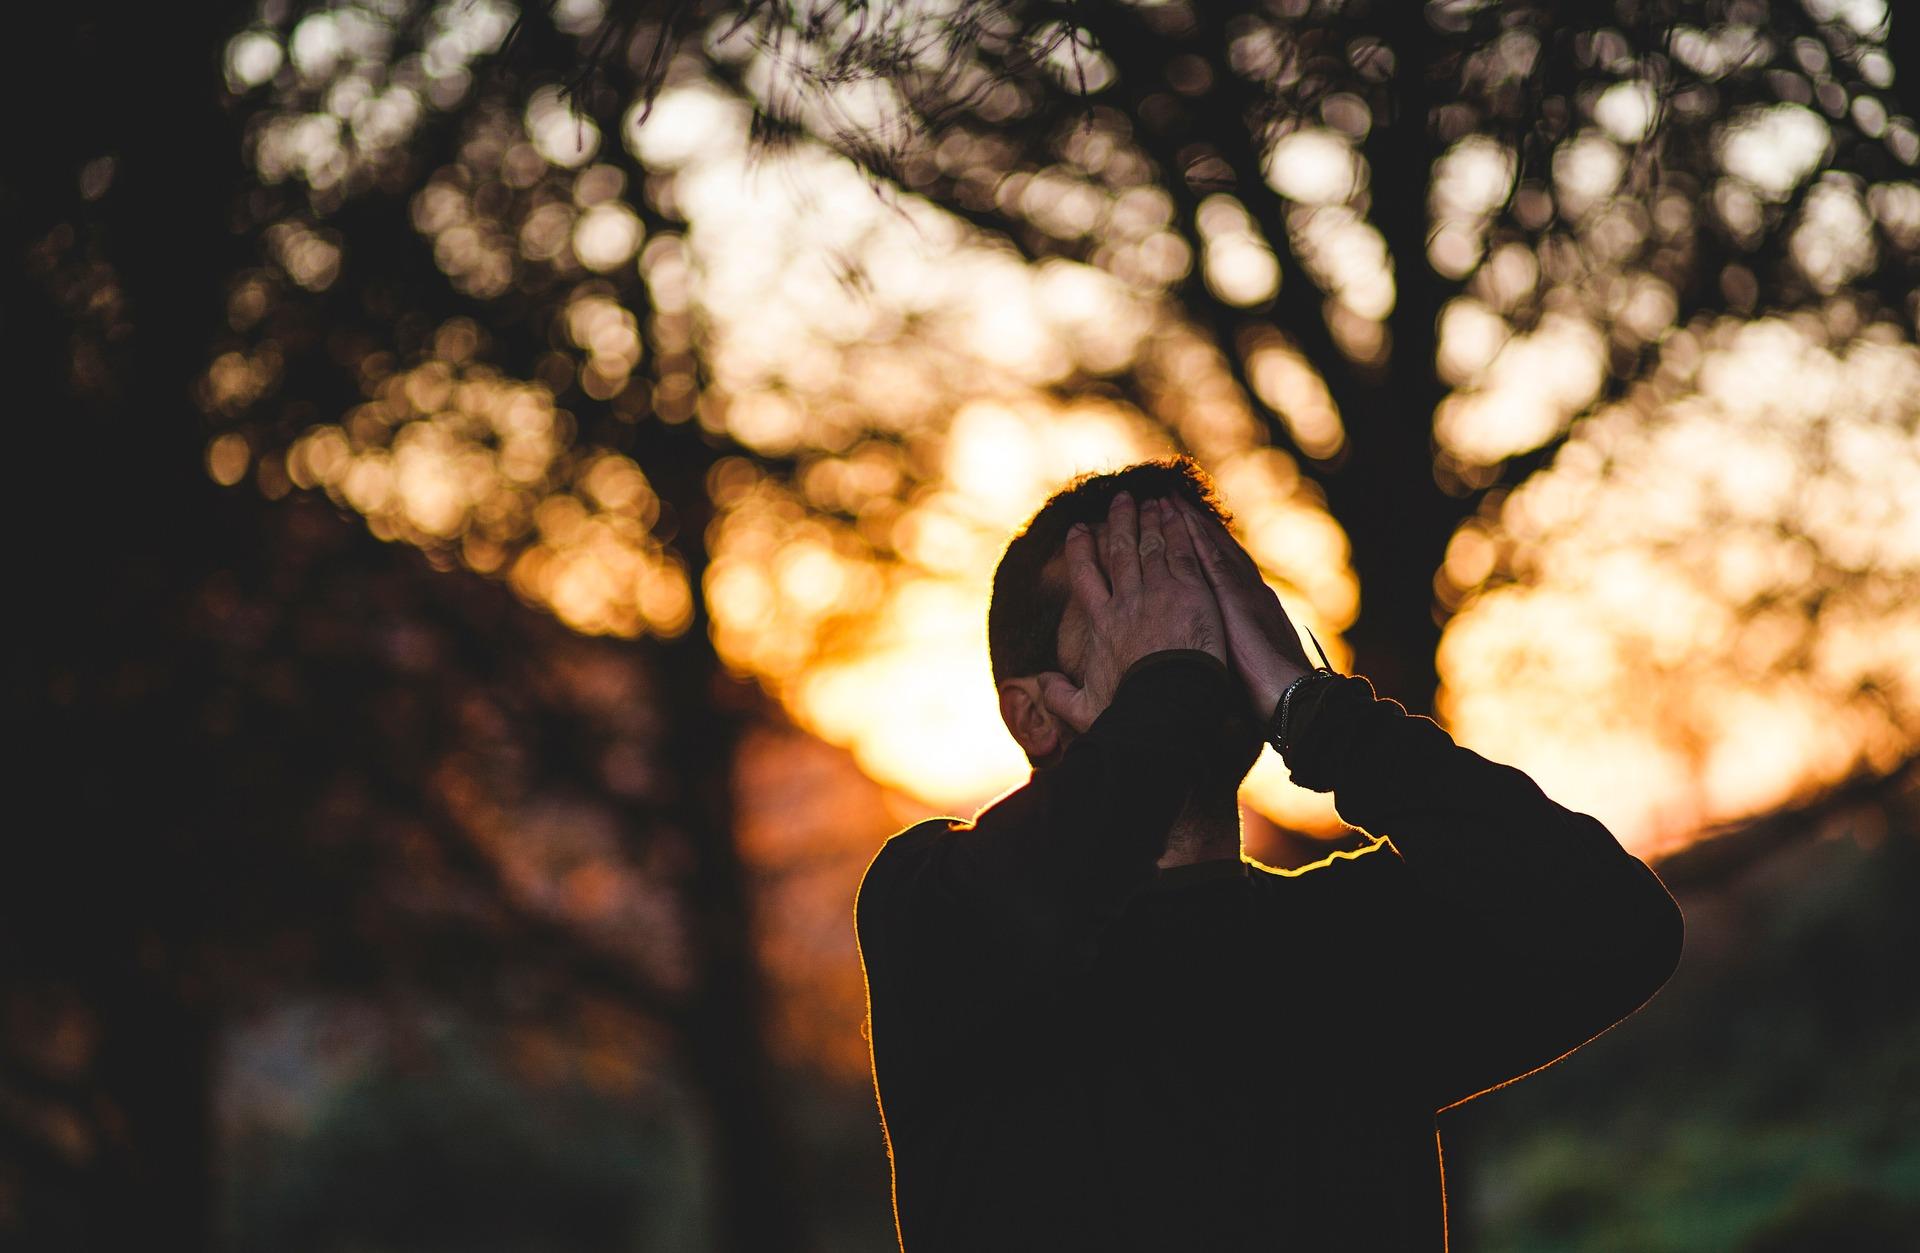 【感動】見えない真実もある ~店前で眠るホームレスを追い払った店主が涙を流し、後悔した理由とは